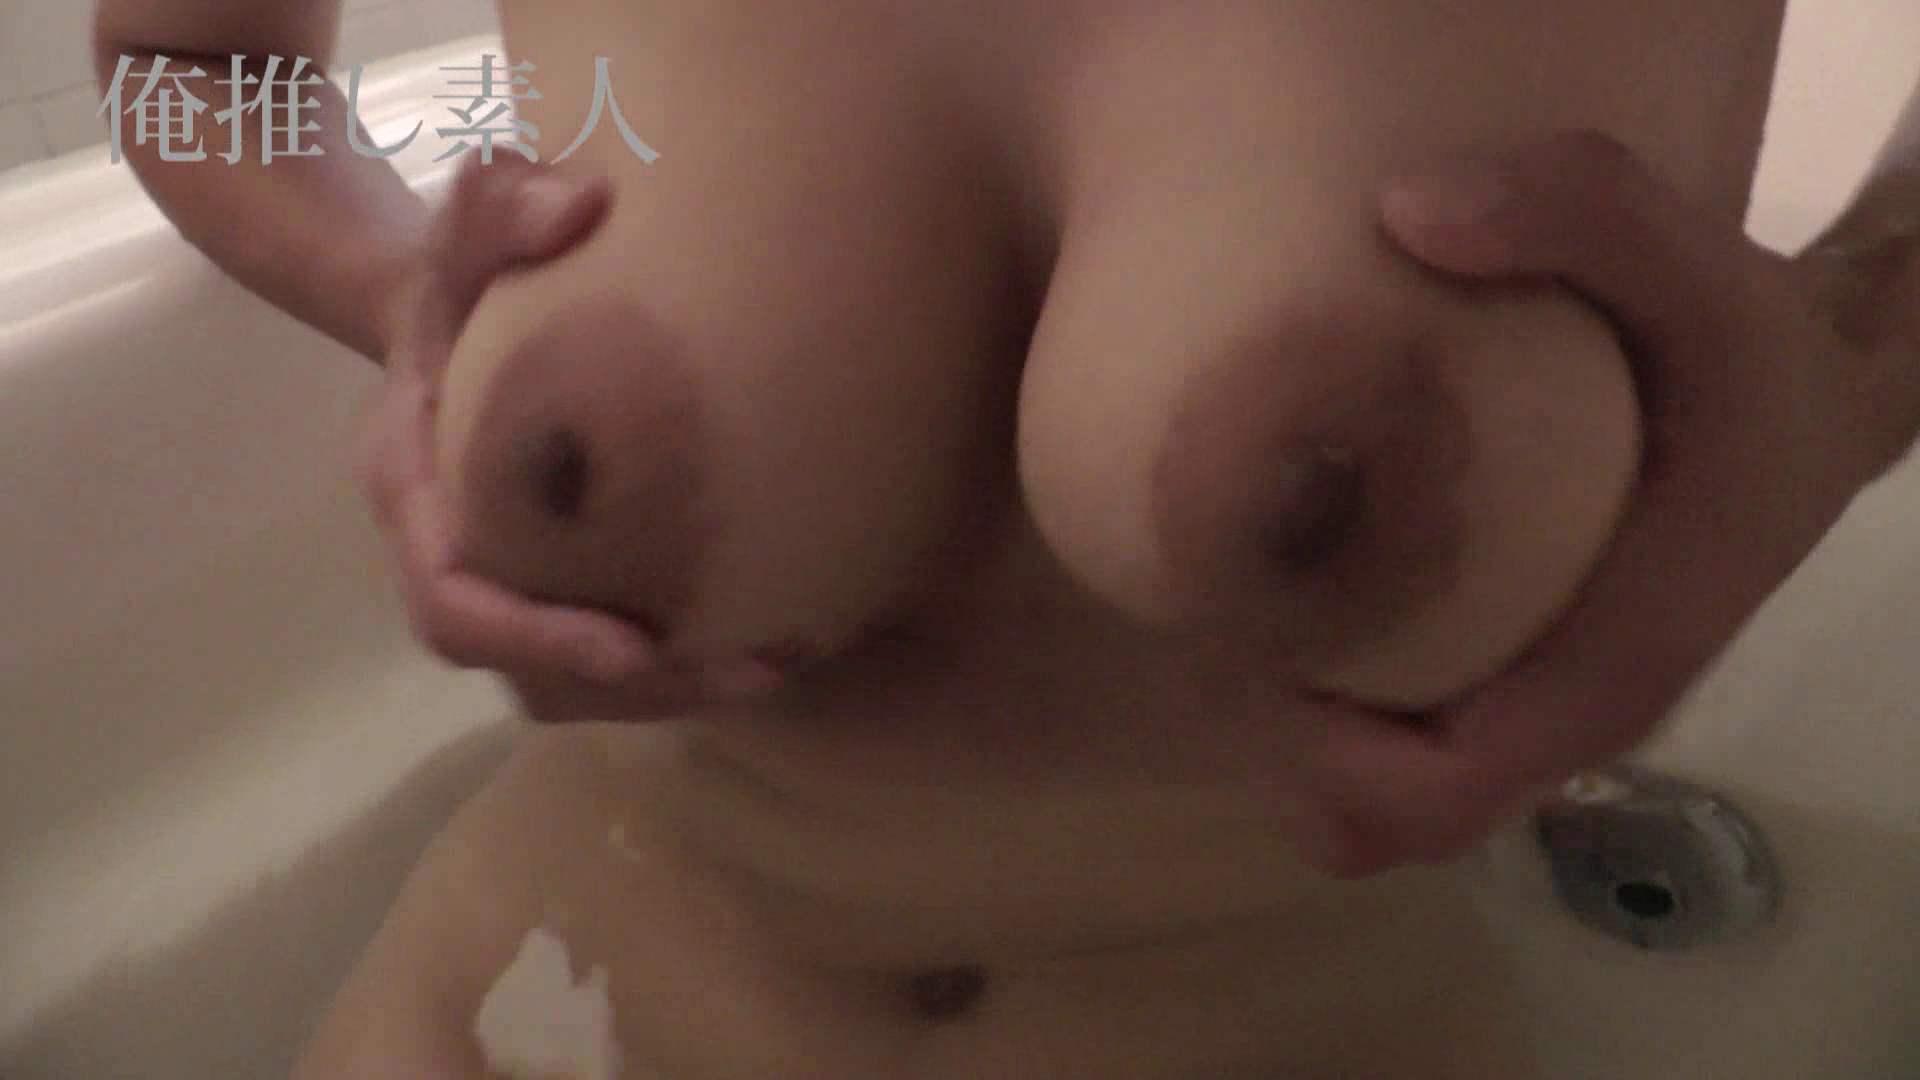 俺推し素人 30代人妻熟女キャバ嬢雫Vol.02 素人 エロ画像 33連発 9